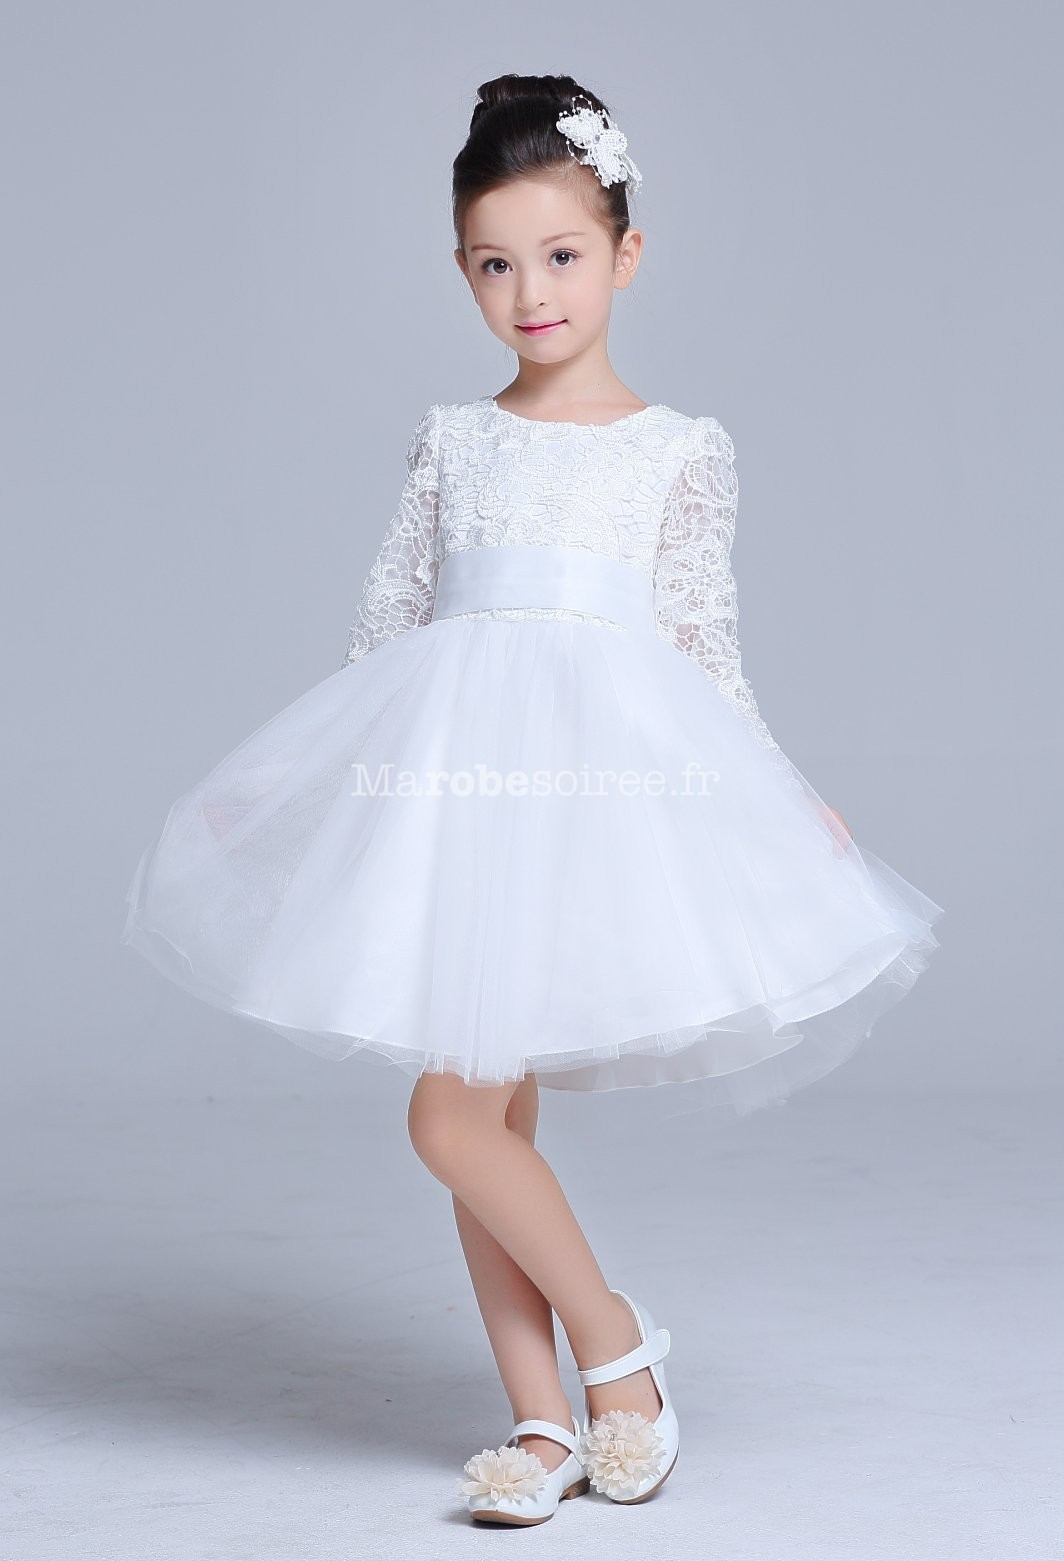 e0fae78f3431b Robe fille pour un mariage - Vêtement Aliexpress